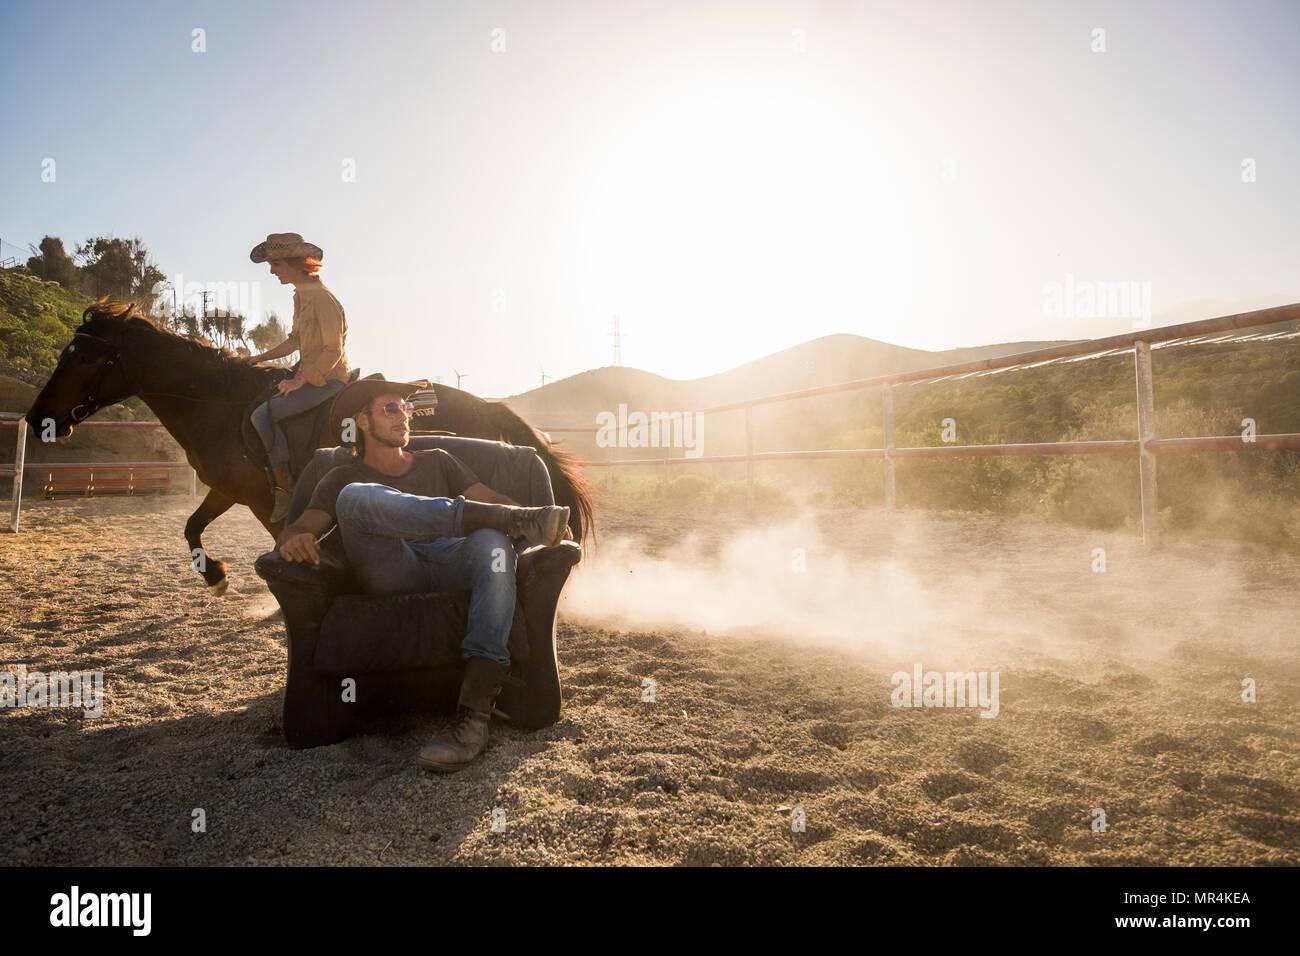 Pareja de hombre y mujer hermosa juntos. Ella cabalga un caballo haciendo polvo con velocidad y él se queda sentarse en la silla en medio de la pista Imagen De Stock